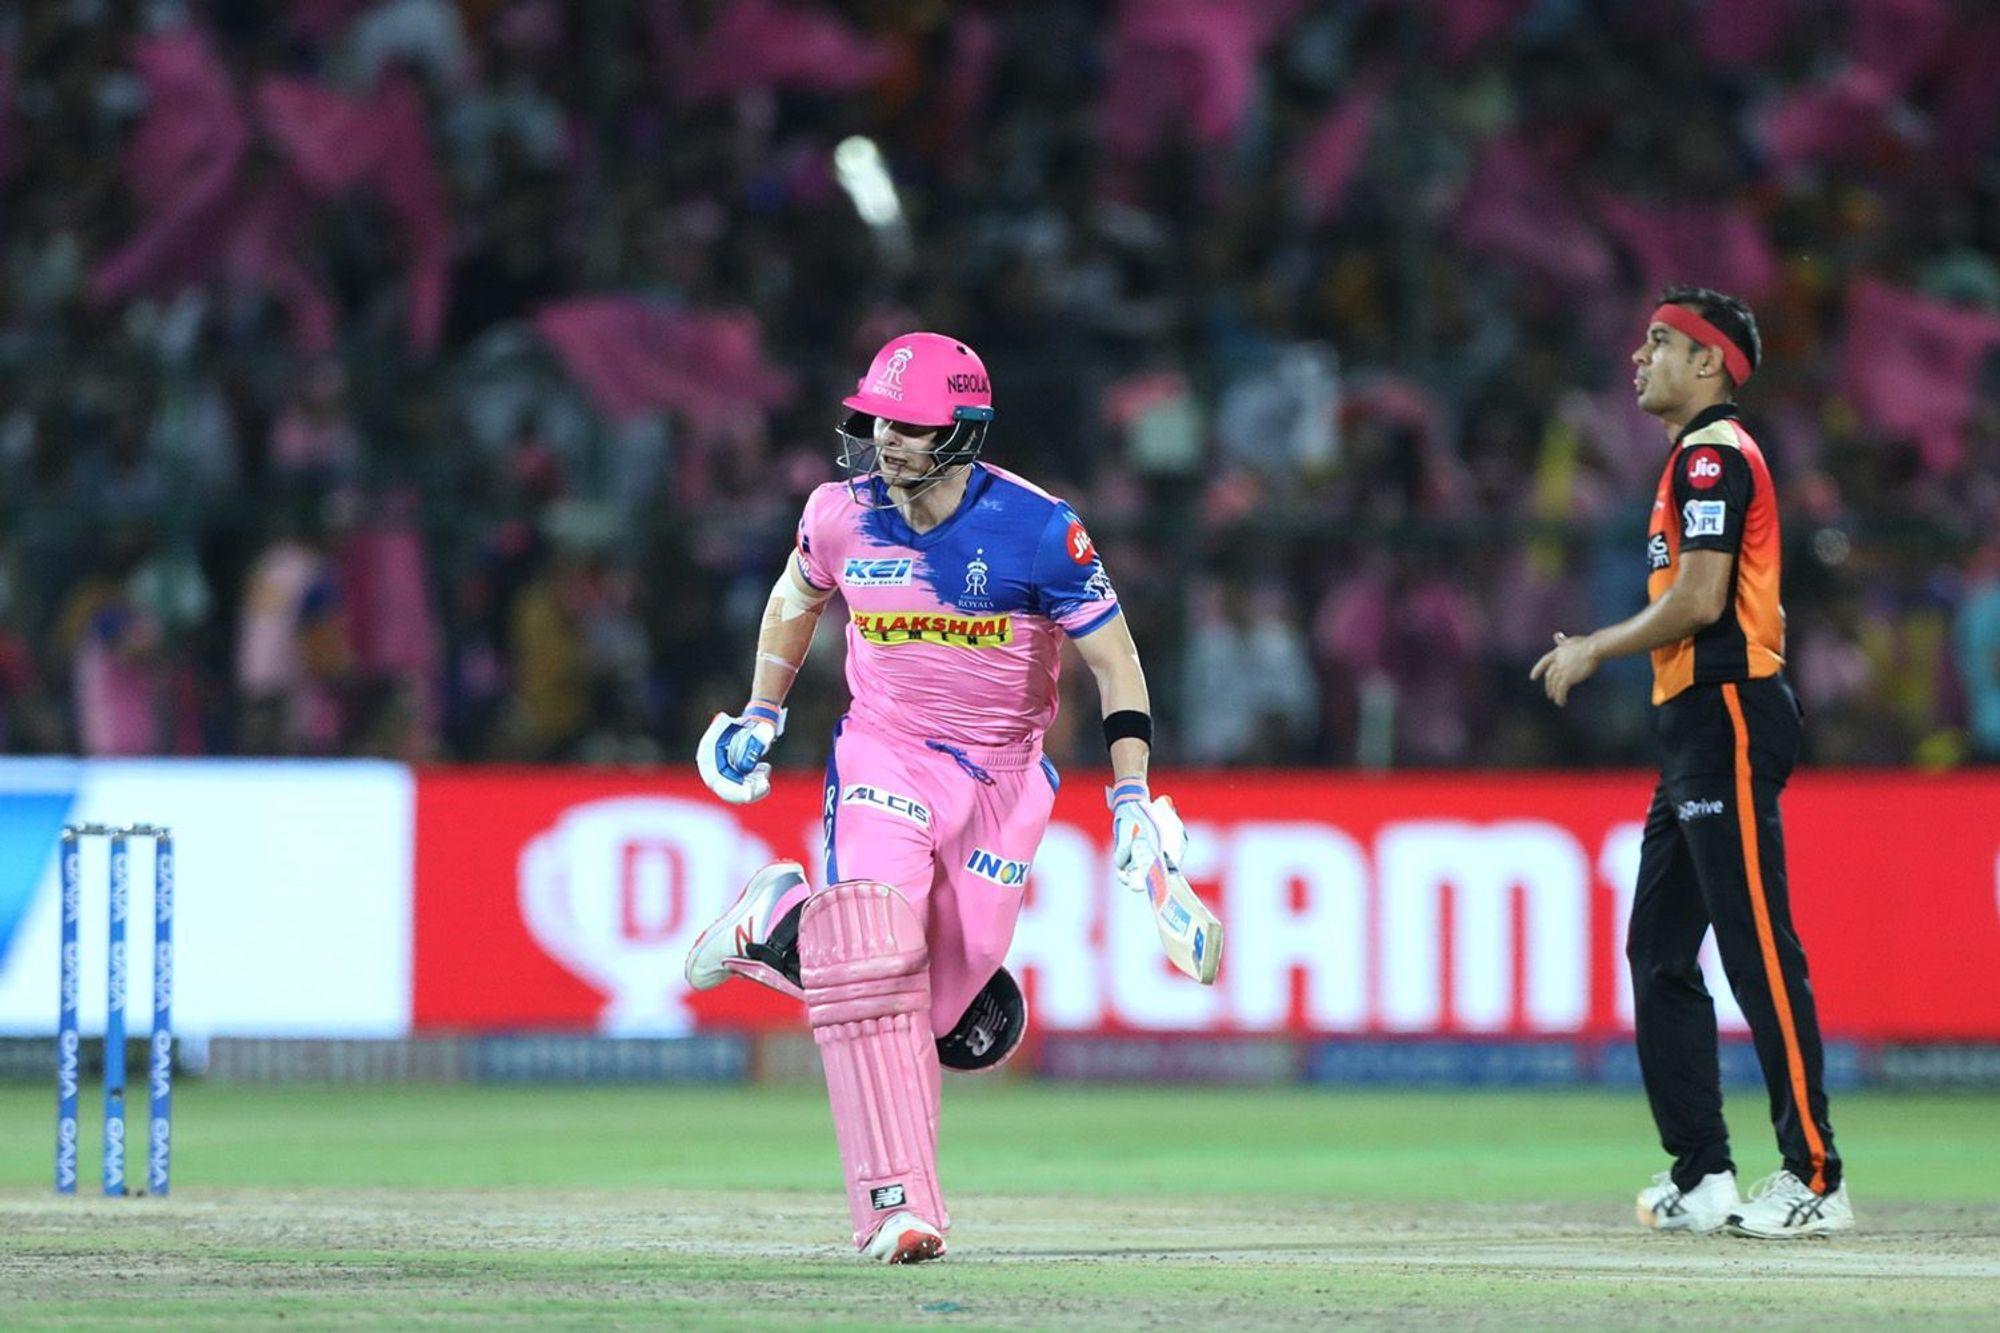 राजस्थान रॉयल्स के जीत के बाद इस खिलाड़ी का उड़ा मजाक, लोगों ने कहा बोझ है ये खिलाड़ी 23